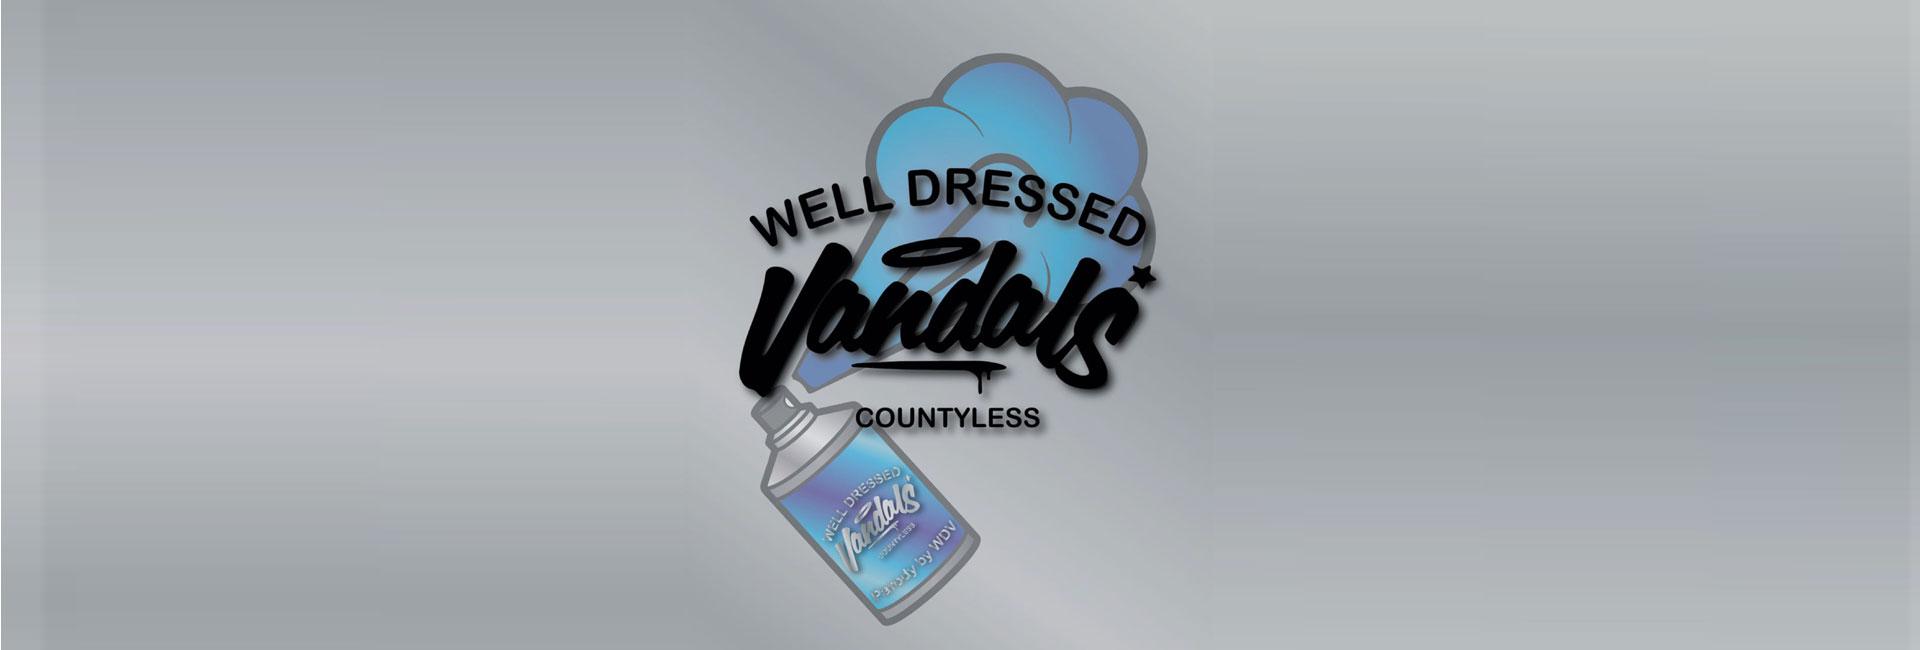 Copertina di Well Dressed Vandals